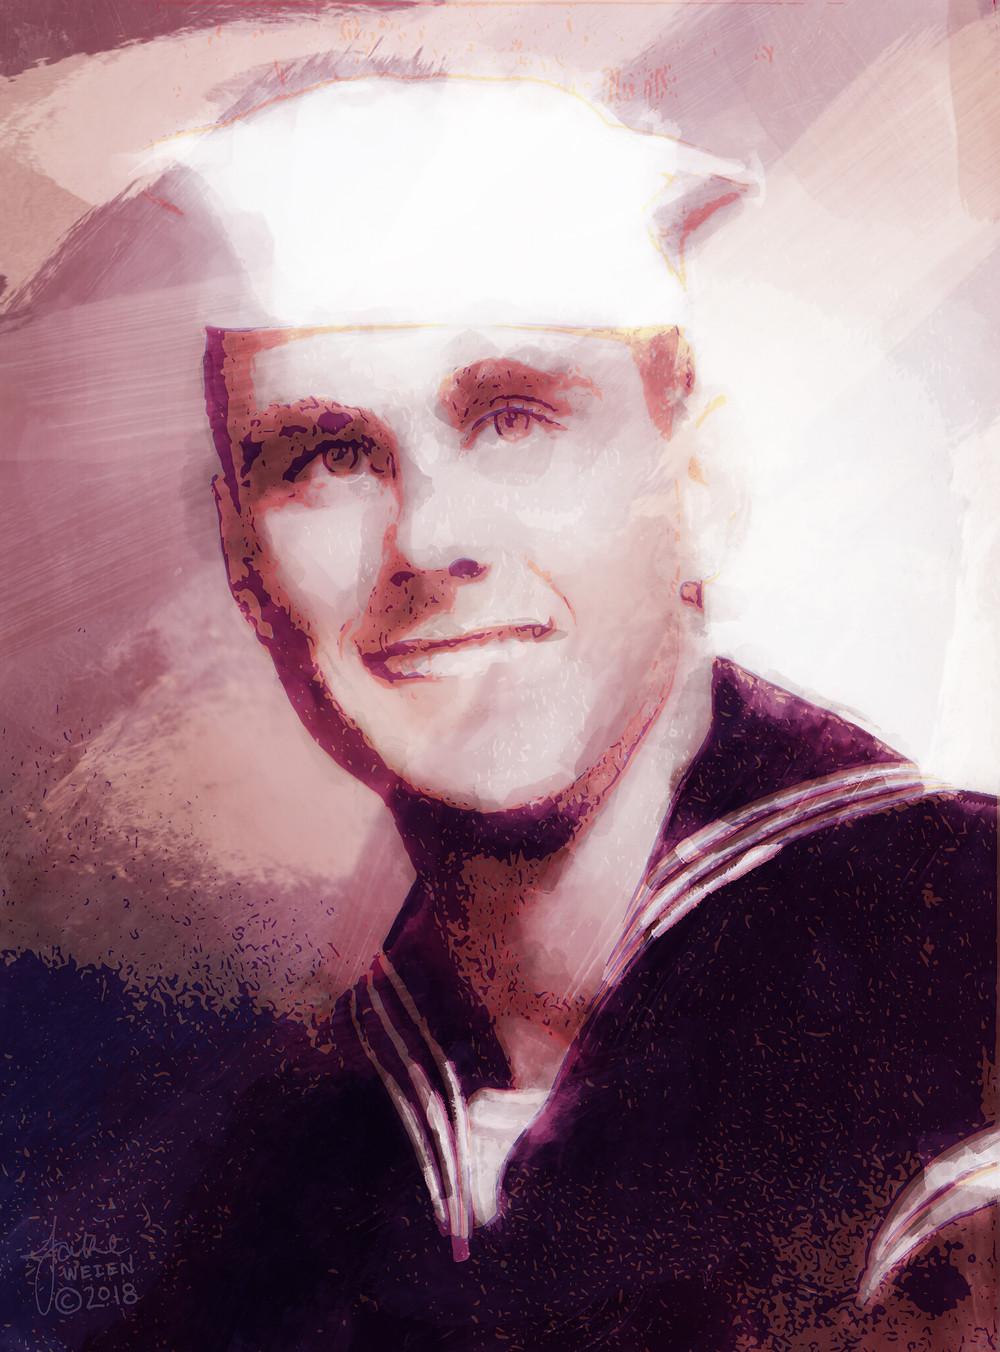 Portrait of U.S. Navy sailor